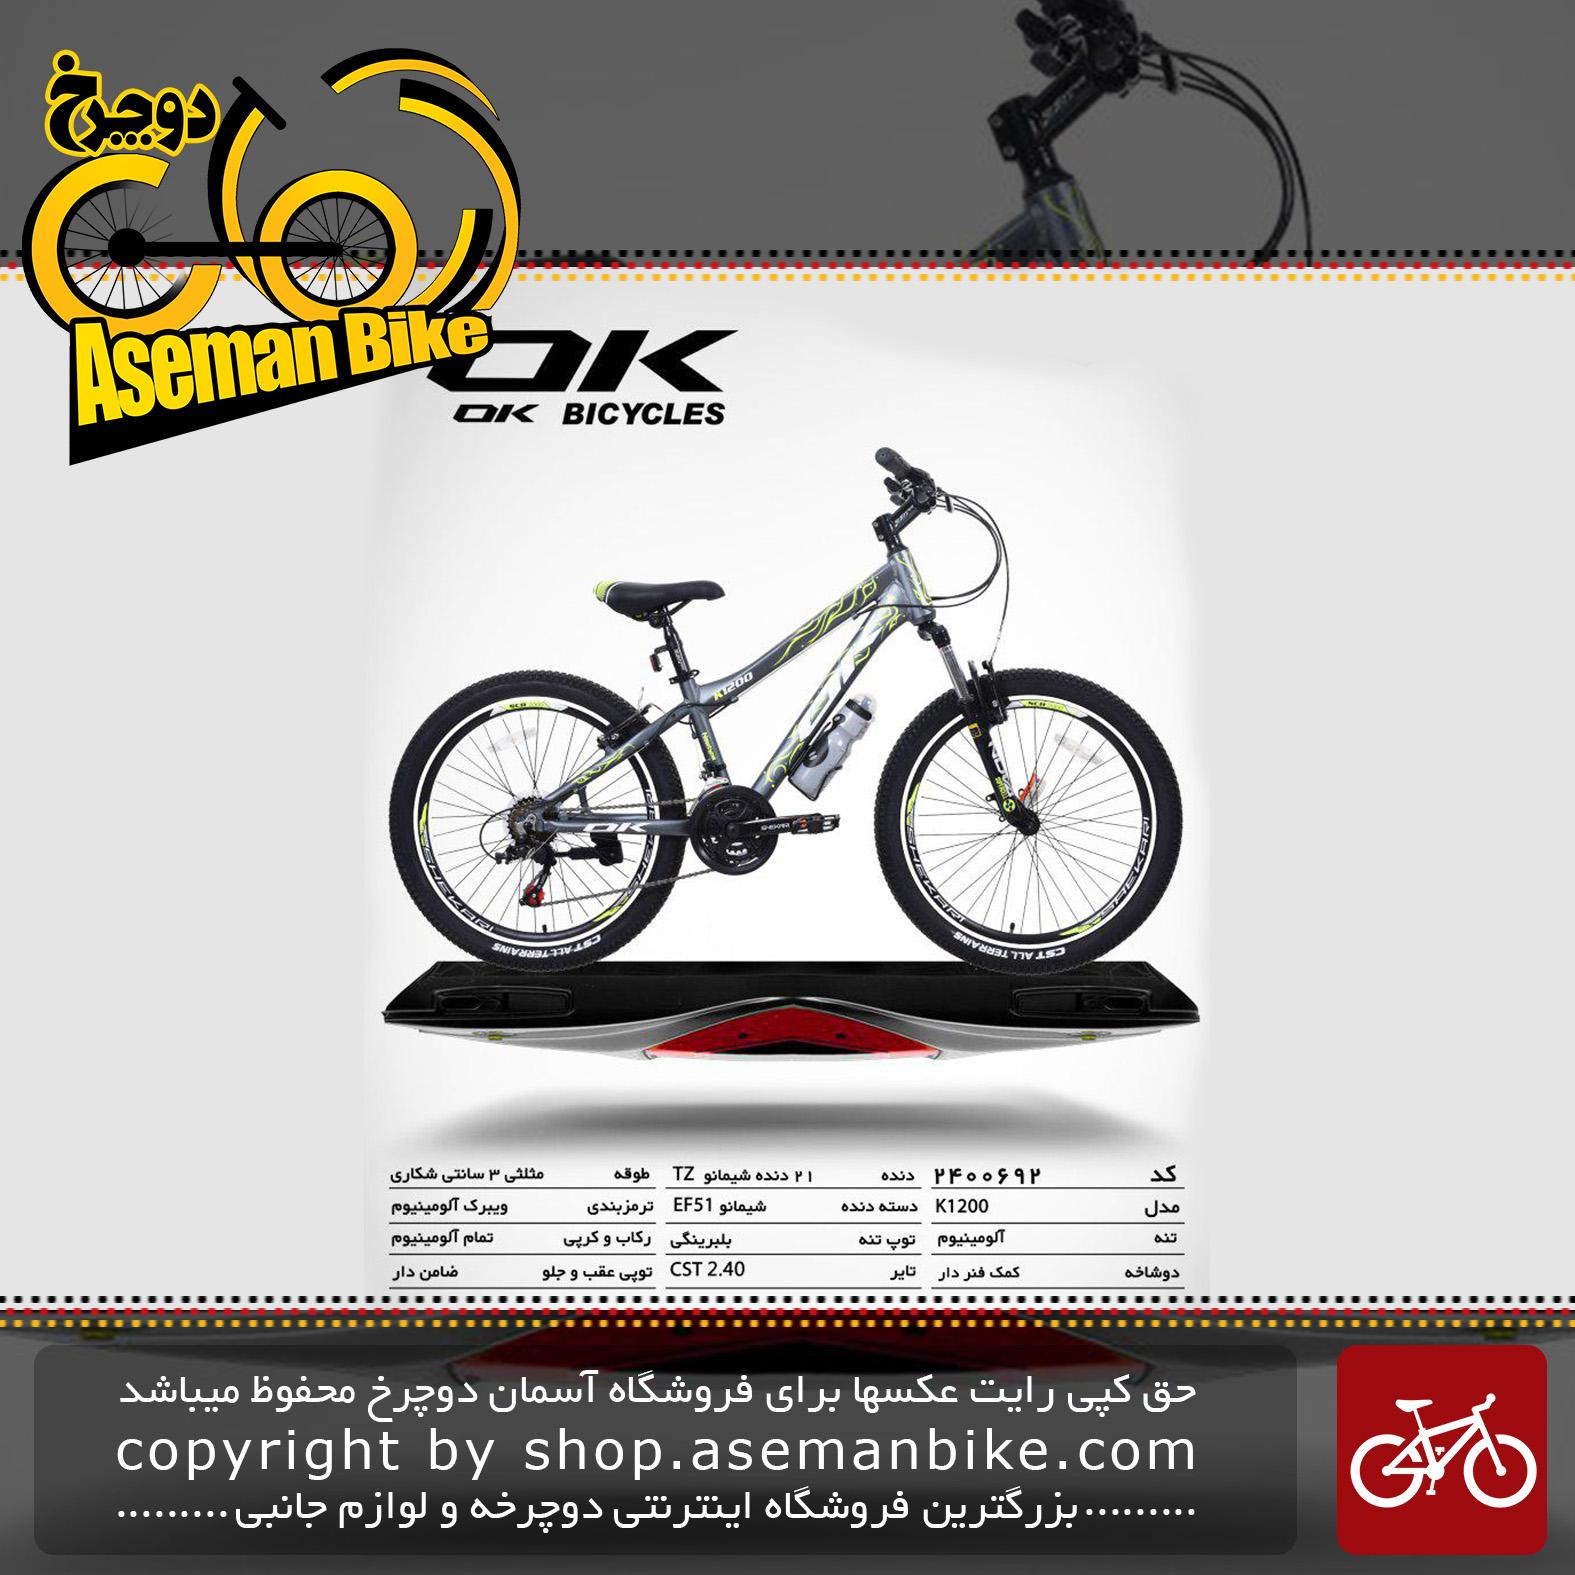 دوچرخه کوهستان شهری اوکی 21 دنده مدل کا 1200 21 دنده سایز 20 ساخت تایوان OK Mountain City Bicycle Taiwan K1200 20 2019